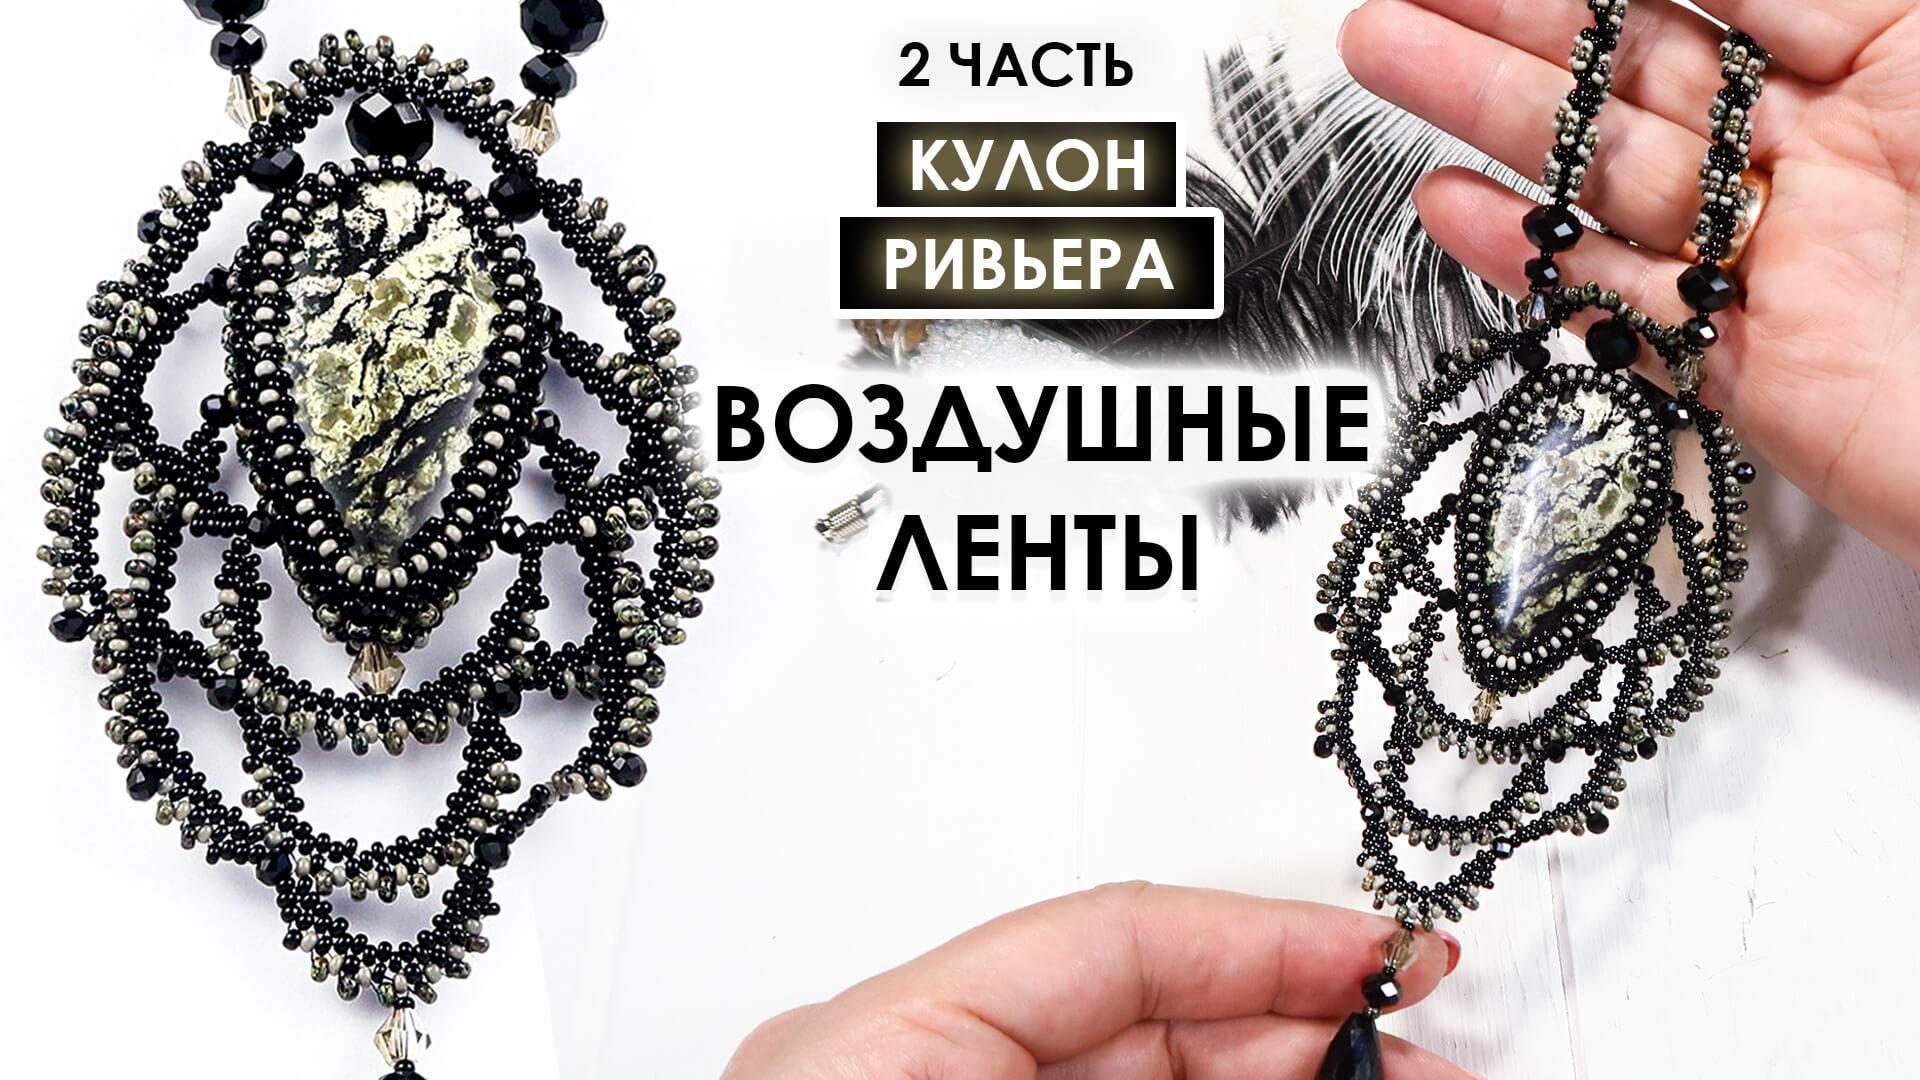 КУЛОН «РИВЬЕРА» УРОК-2. ЛЕНТЫ